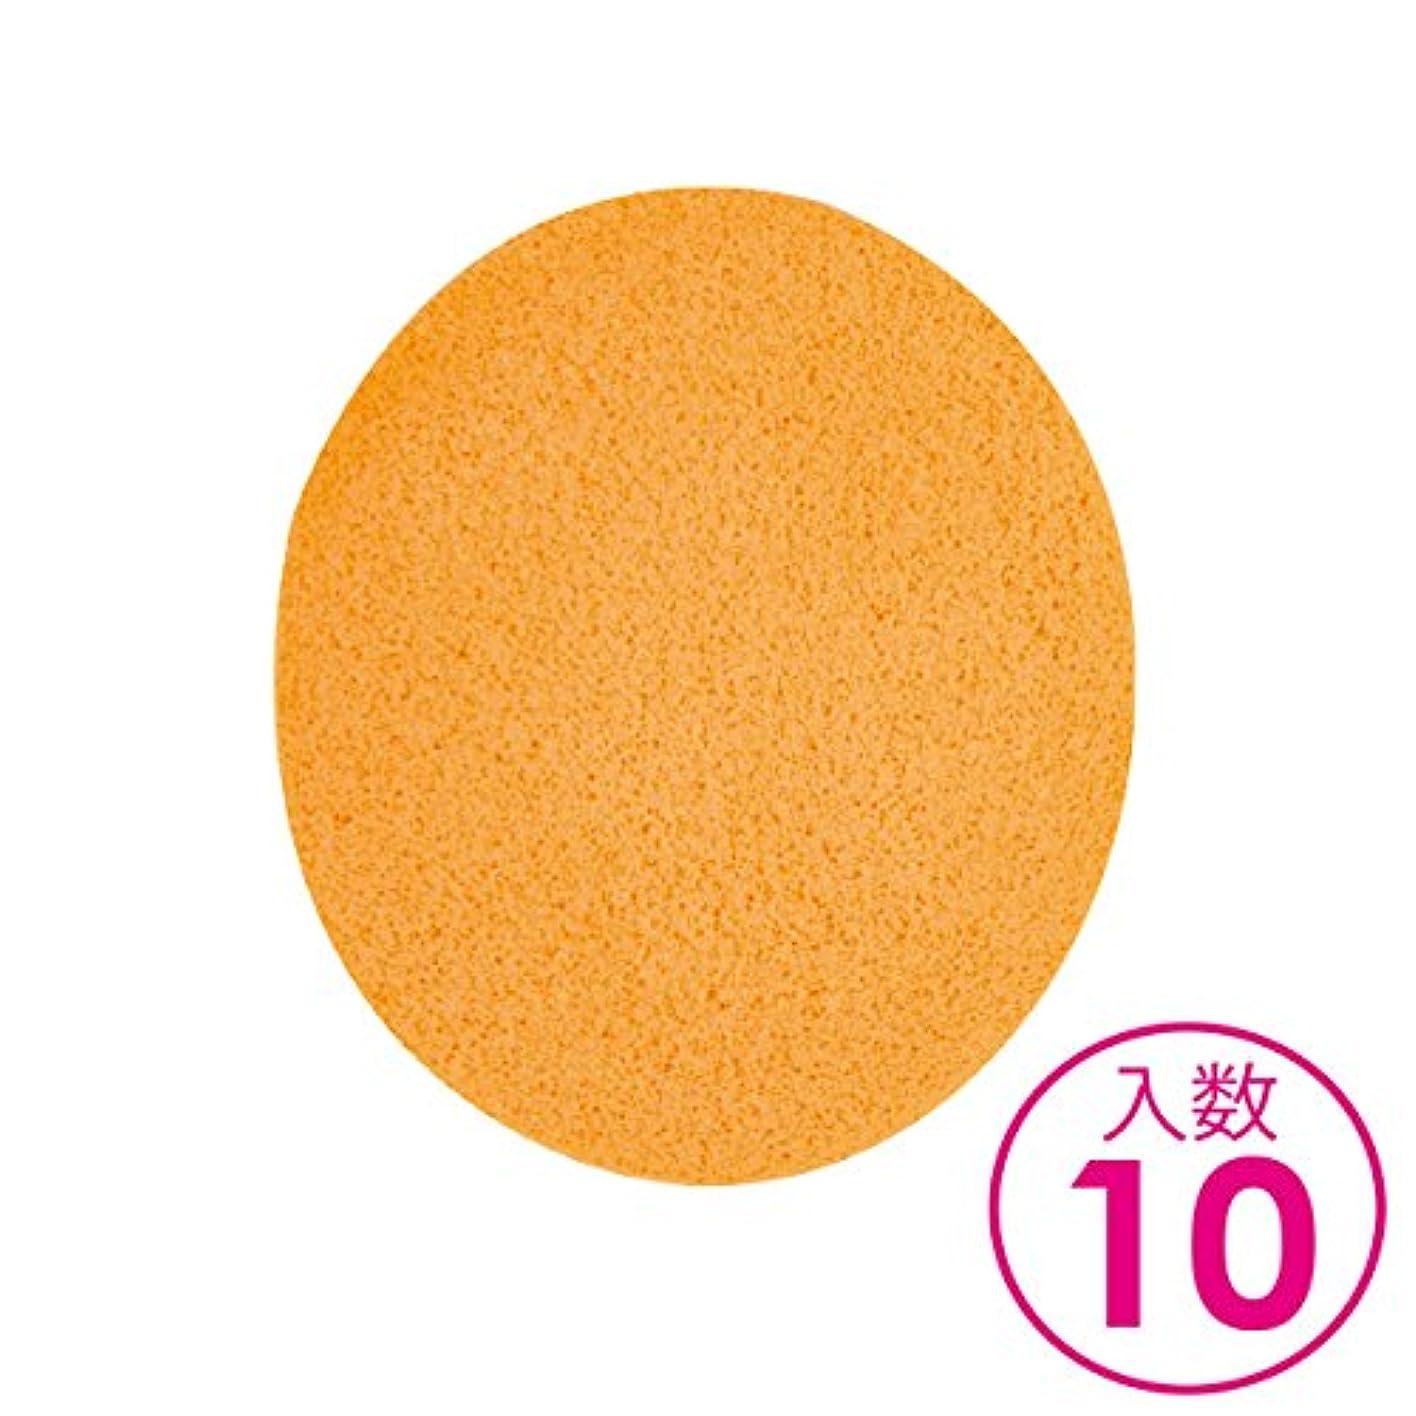 槍ディスク大ボディスポンジ 幅120×長さ140×厚み10mm (きめ粗い) 10枚入 オレンジ [ ボディスポンジ ボディ用スポンジ マッサージスポンジ ボディ ボディー 体用 エステ スポンジ パック 拭き取り 吸水 保水 ]